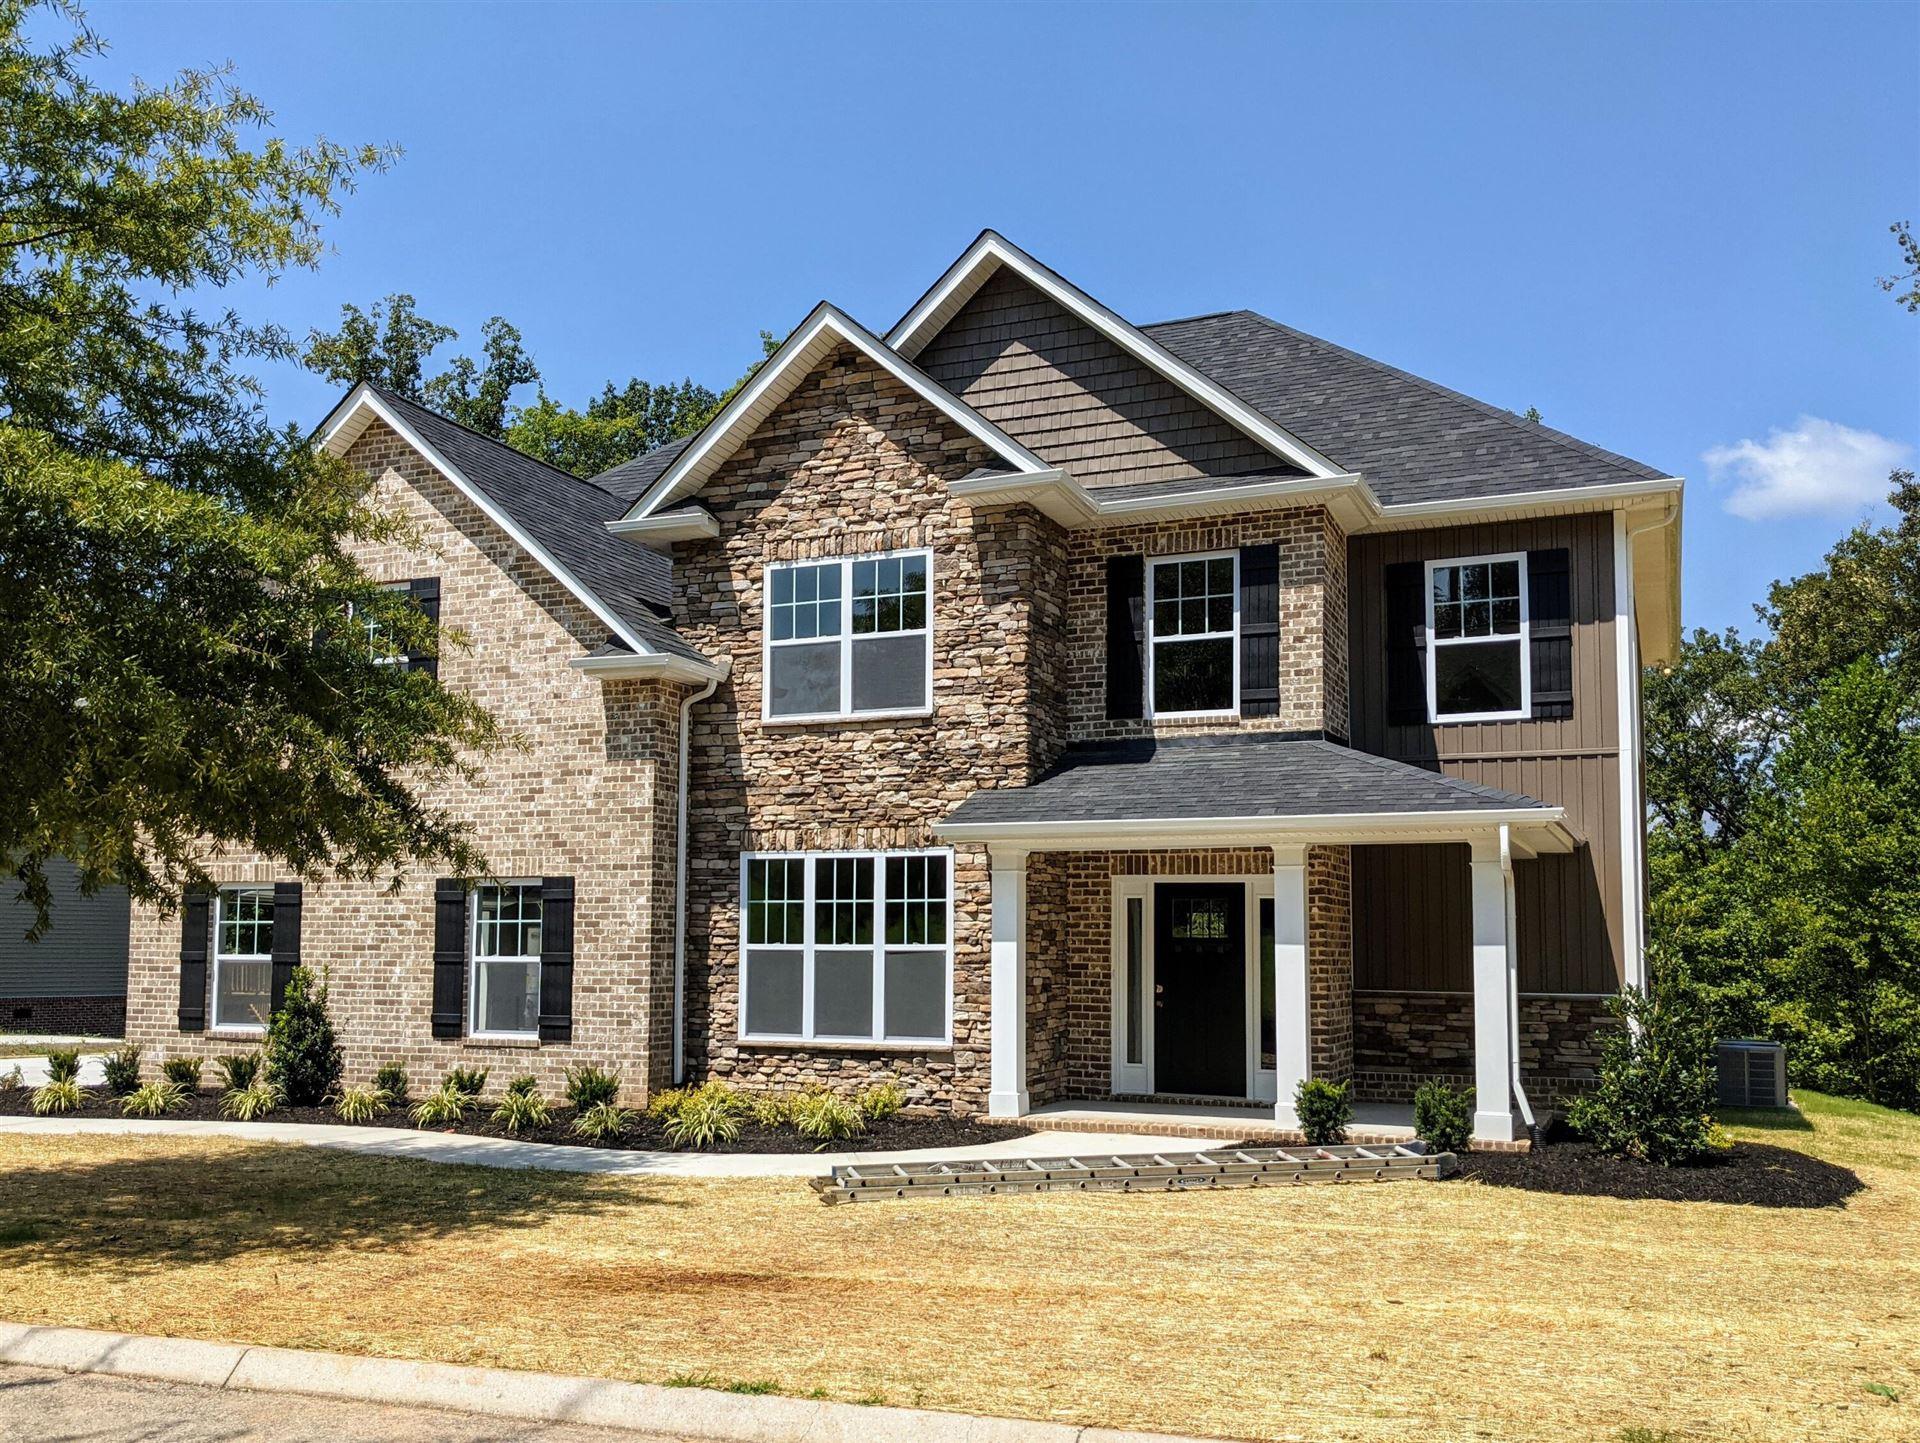 Photo of 135 Mistletoeberry Rd #Lot 409, Oak Ridge, TN 37830 (MLS # 1142101)